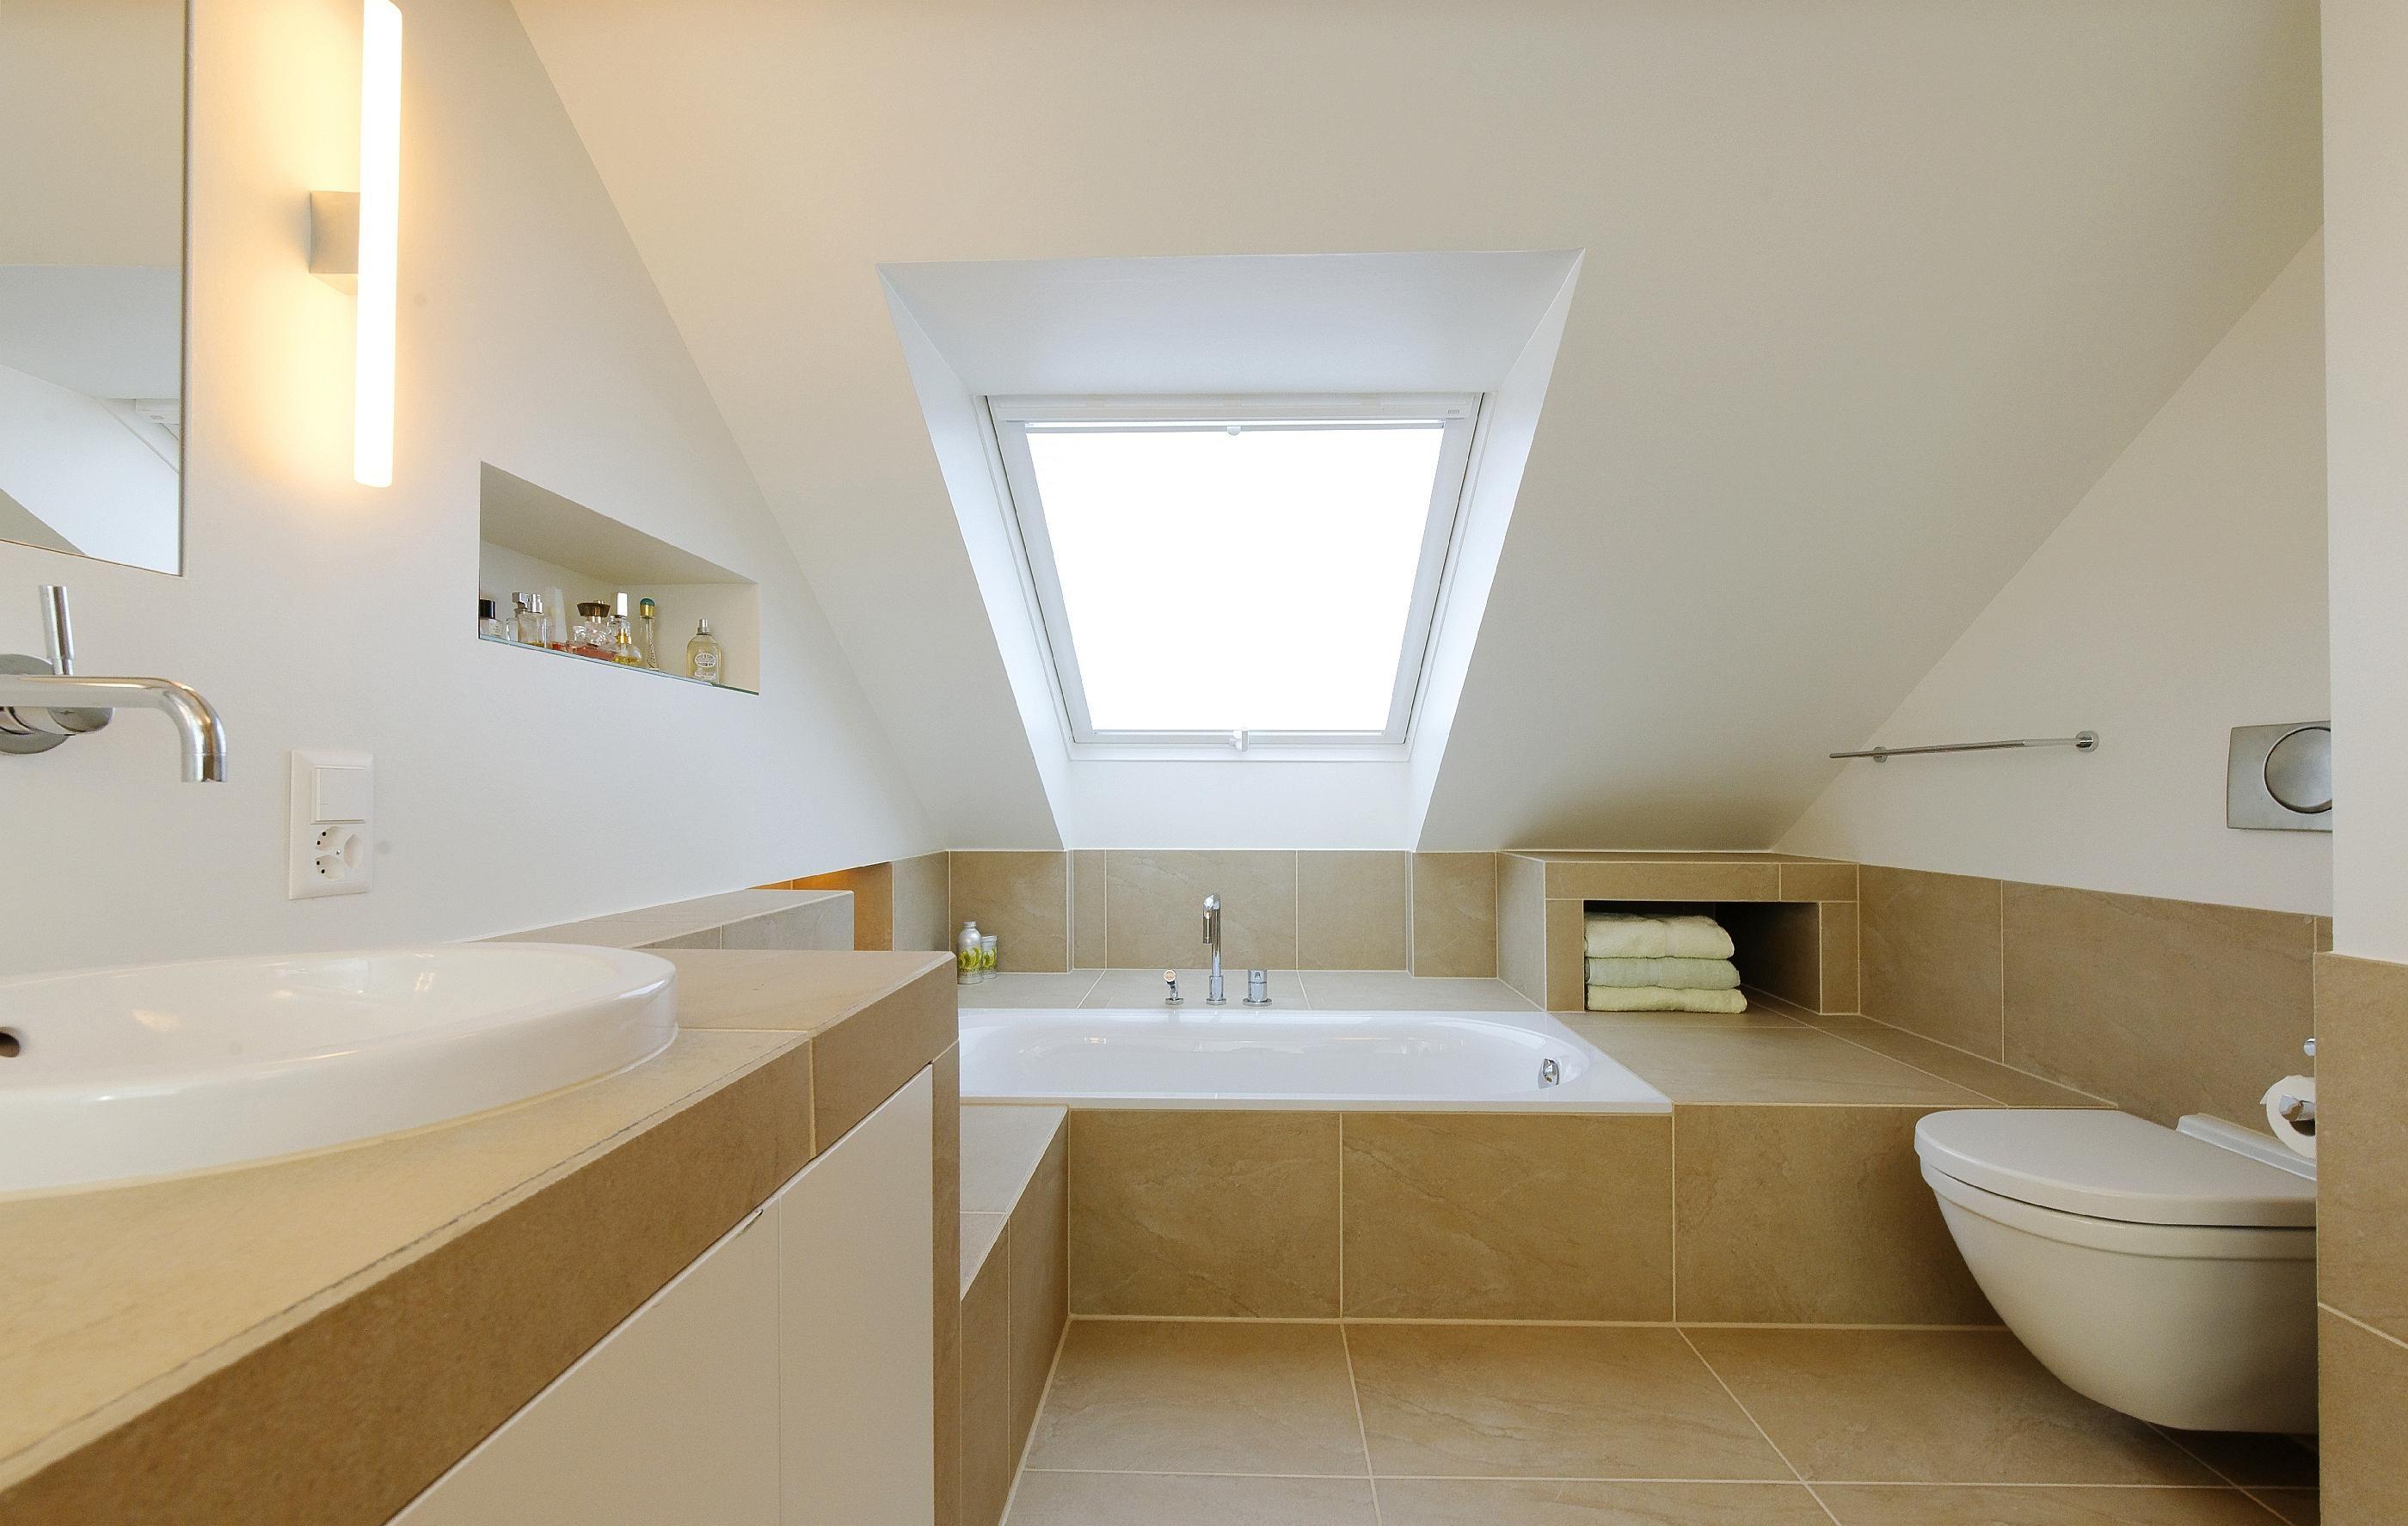 Badezimmer Umbau #dachschräge #dachfenster #fliesen